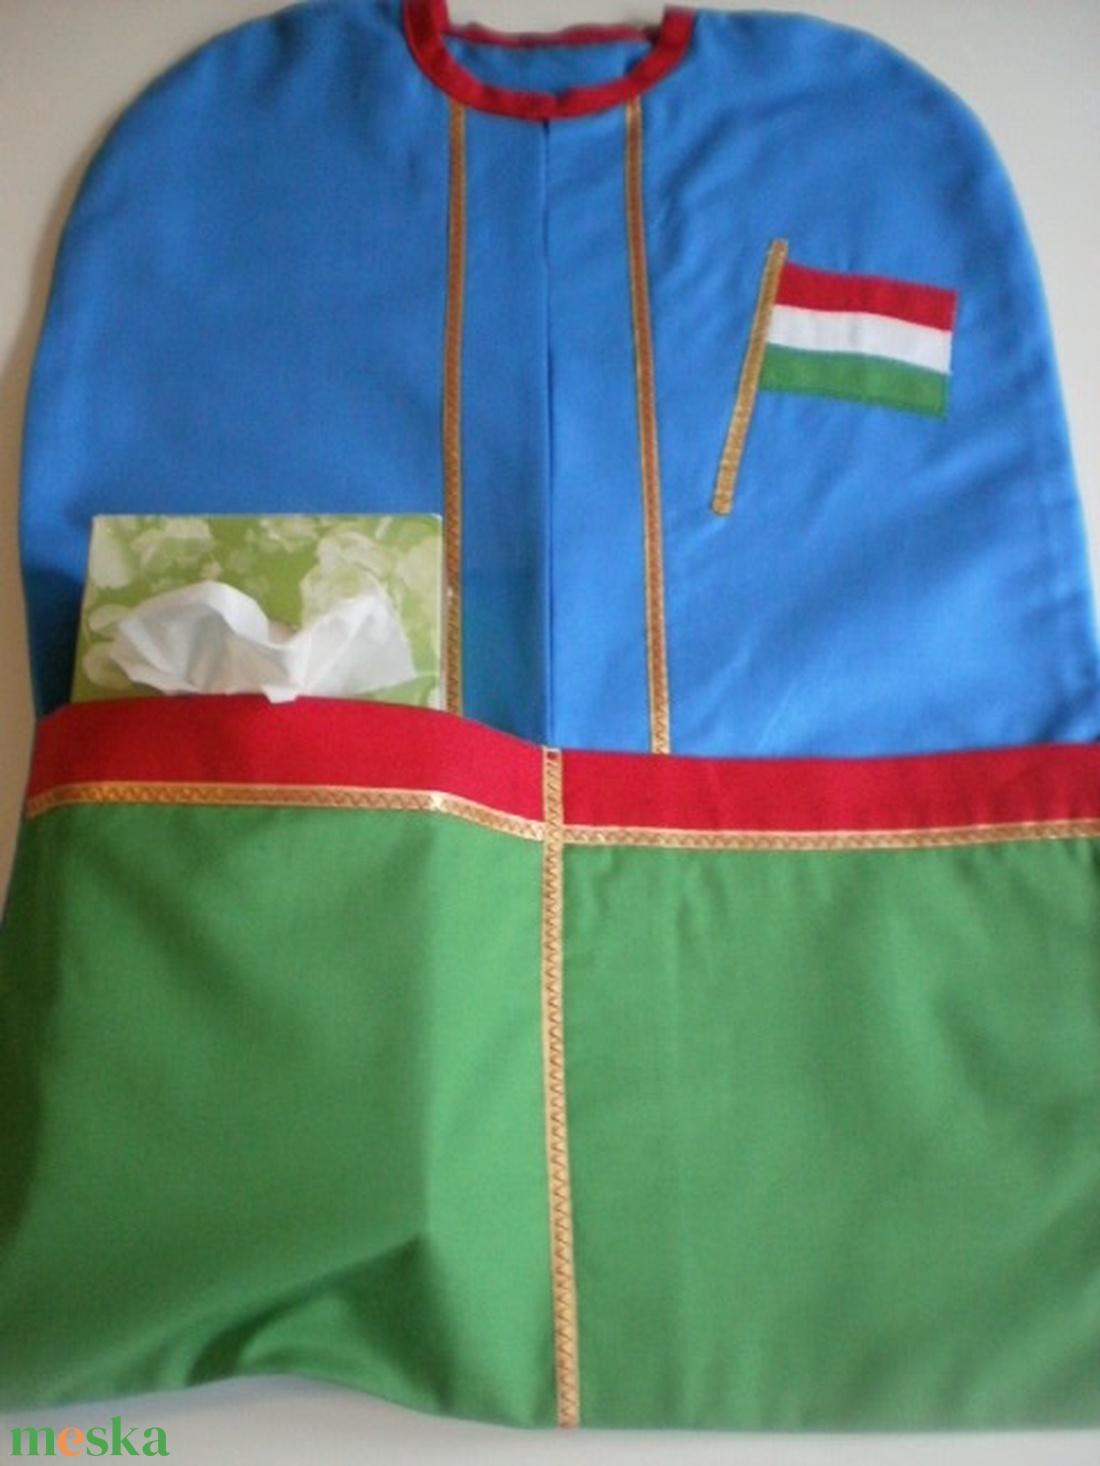 Királykék-zöld ovizsák szett zászló jellel - ovi- és sulikezdés - ovis zsák & ovis szett - óvodai szett - Meska.hu